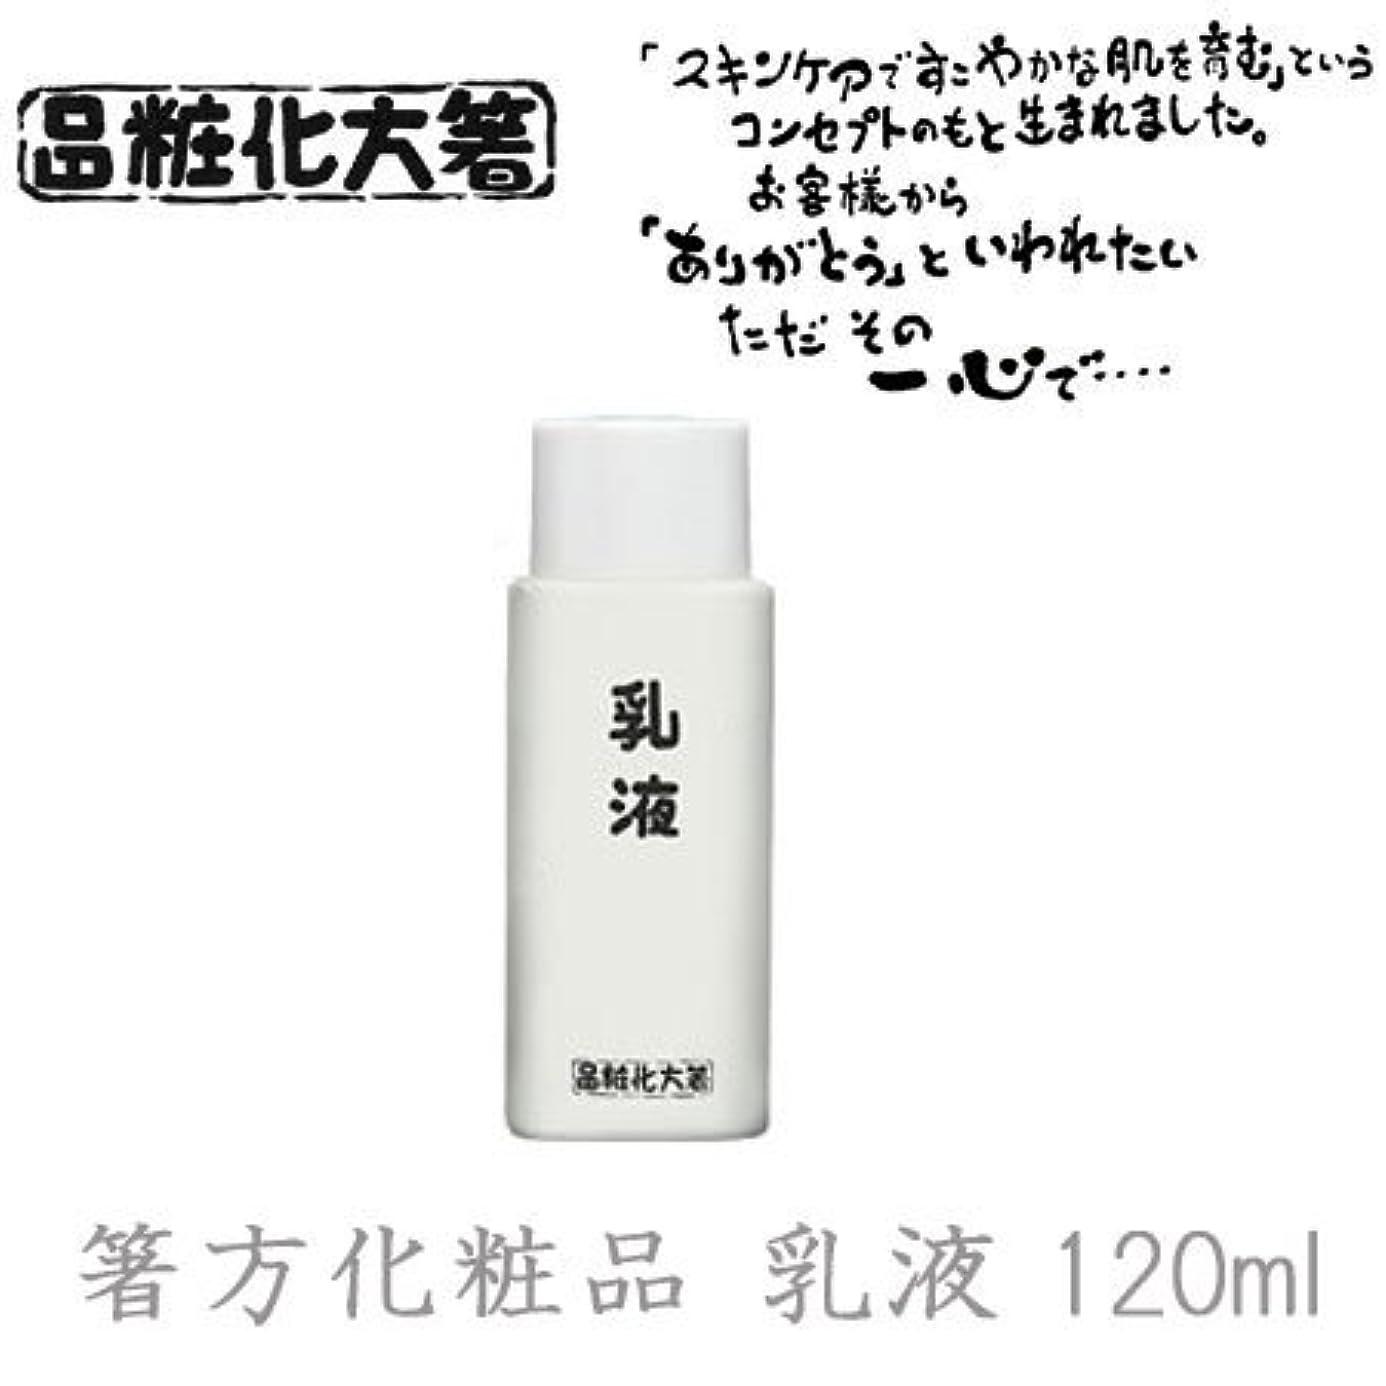 ホイットニー実り多い電球箸方化粧品 乳液 120ml はしかた化粧品